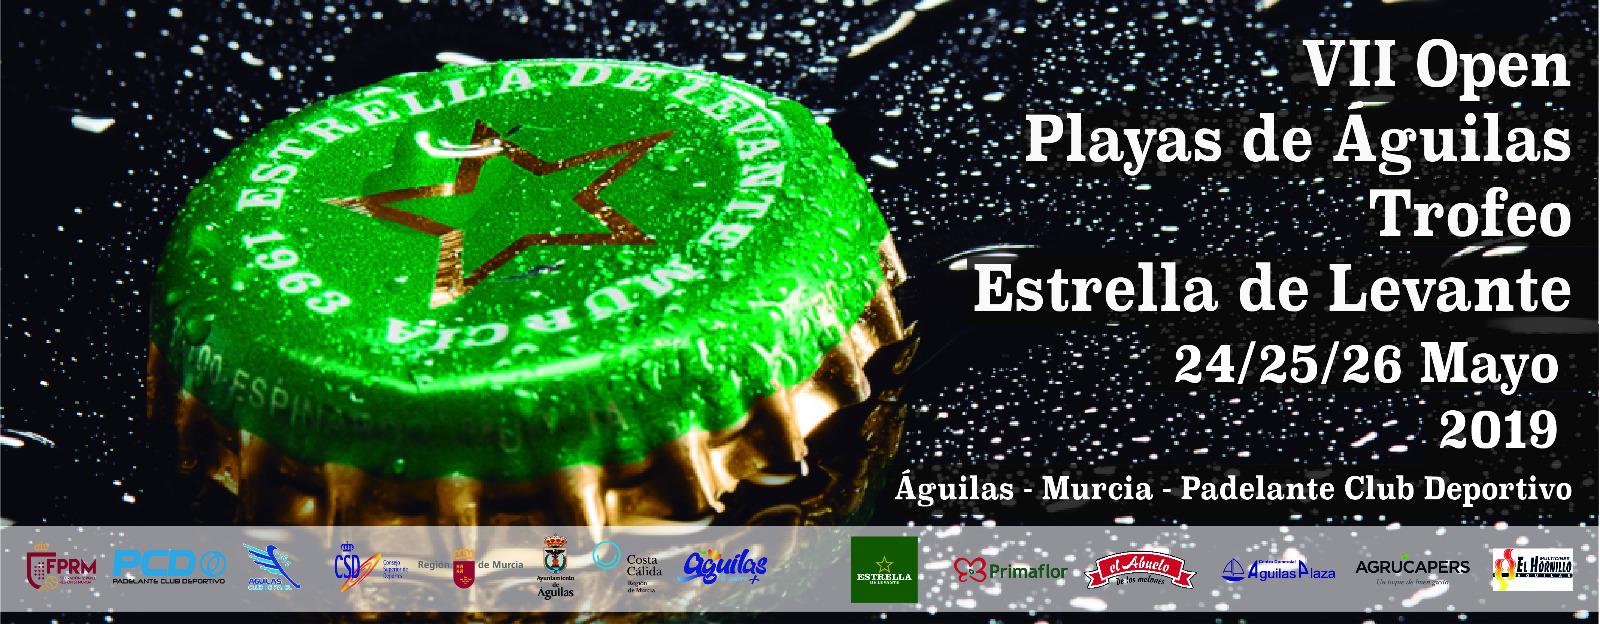 Trofeo Estrella de Levante 2019 Patros